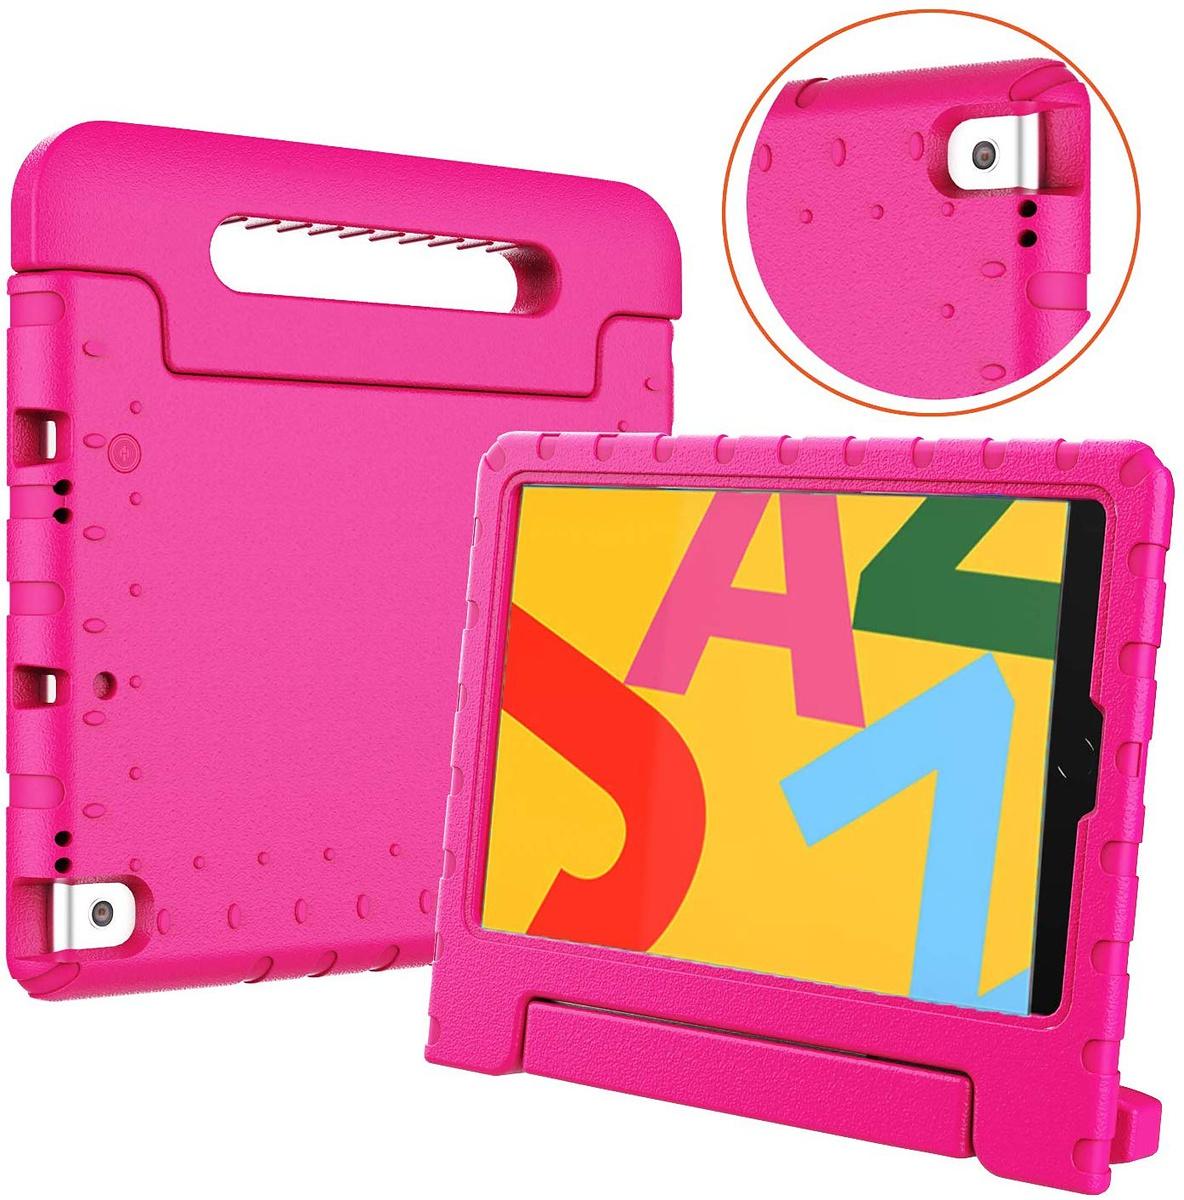 Stöttåligt barnfodral, iPad 10.2 / Pro 10.5 / Air 3 10.5, rosa